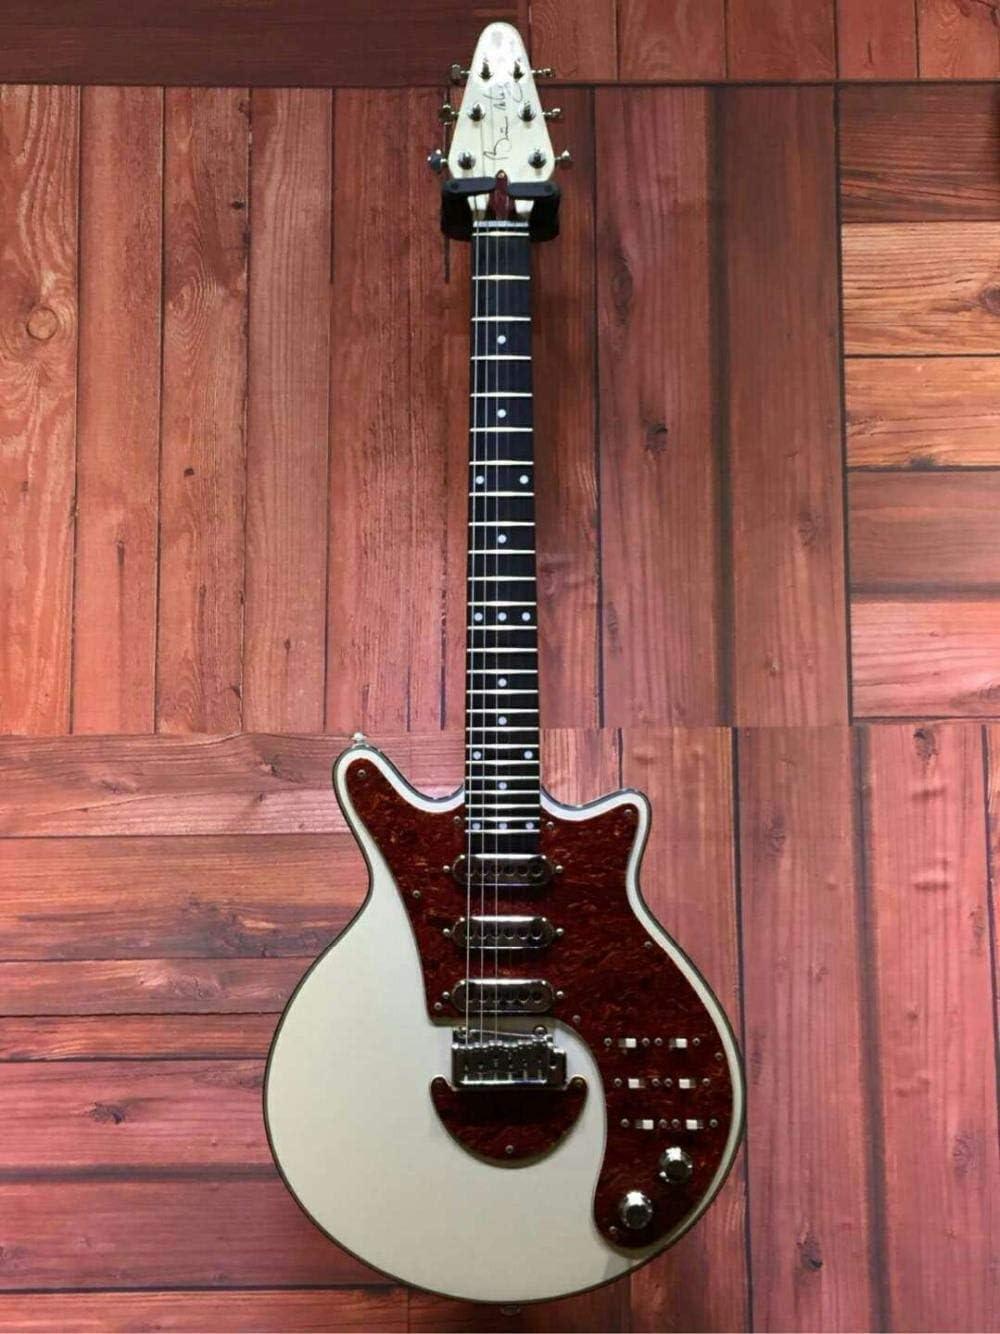 SYXMSM Gremio Brian BM01 Brian May Guitarra Negro Pickguard 3 Pastillas del Puente del Trémolo Hace 24 Trastes Personalizada (Size : 39 Inches)